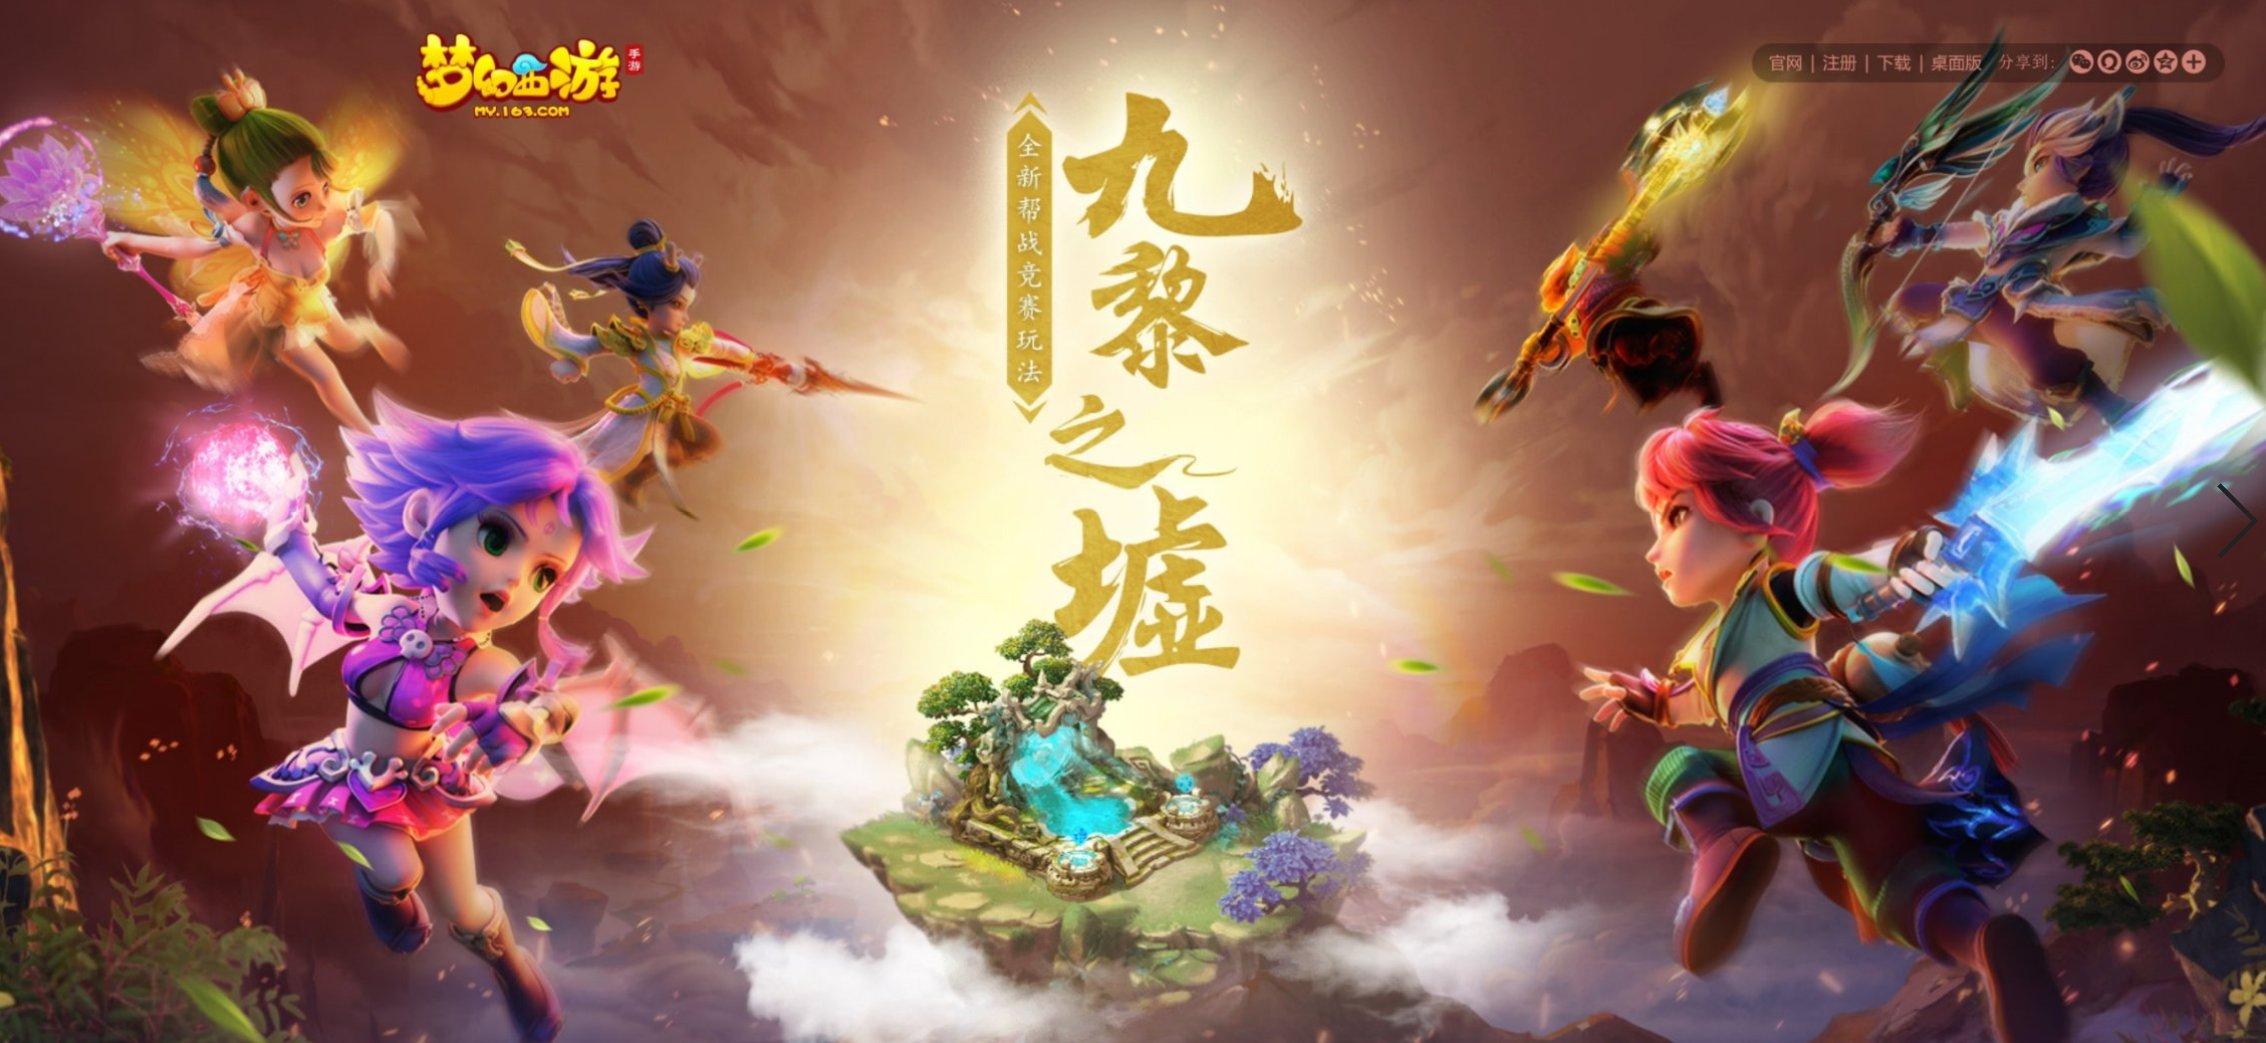 鏖战开启,《梦幻西游》手游九黎之墟第四赛季调整详解!